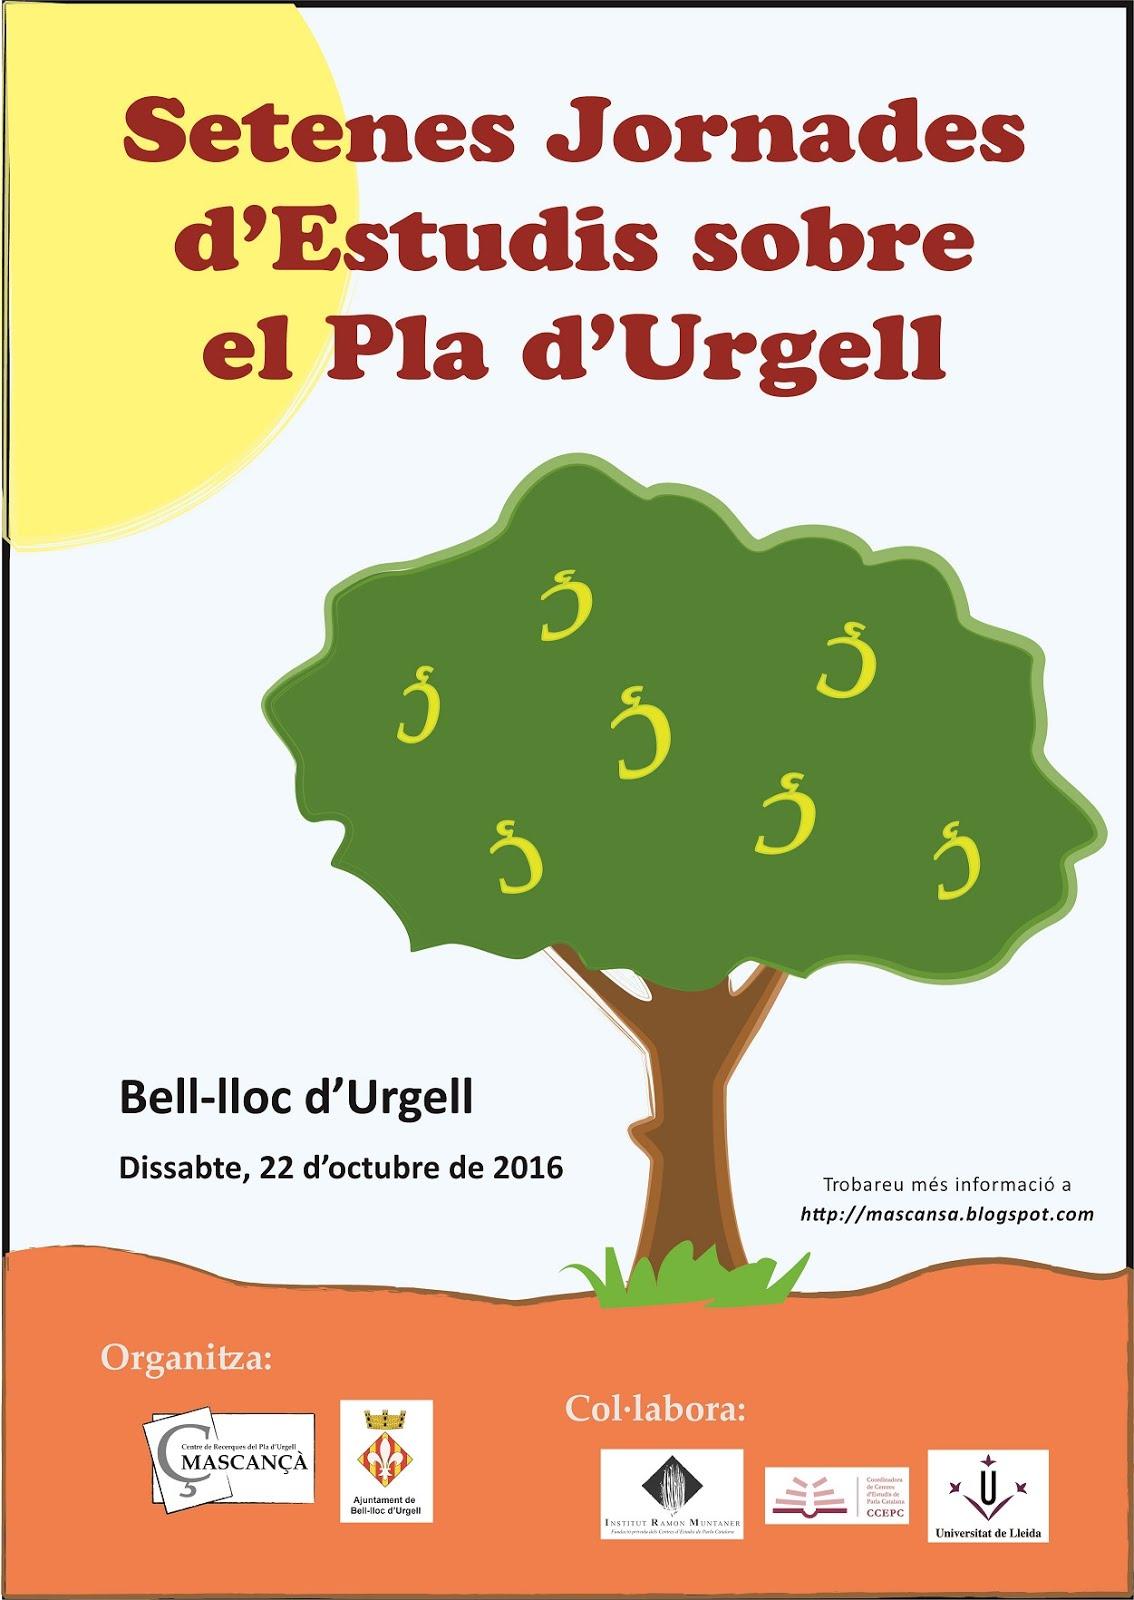 VII Jornades d'Estudis sobre el Pla d'Urgell